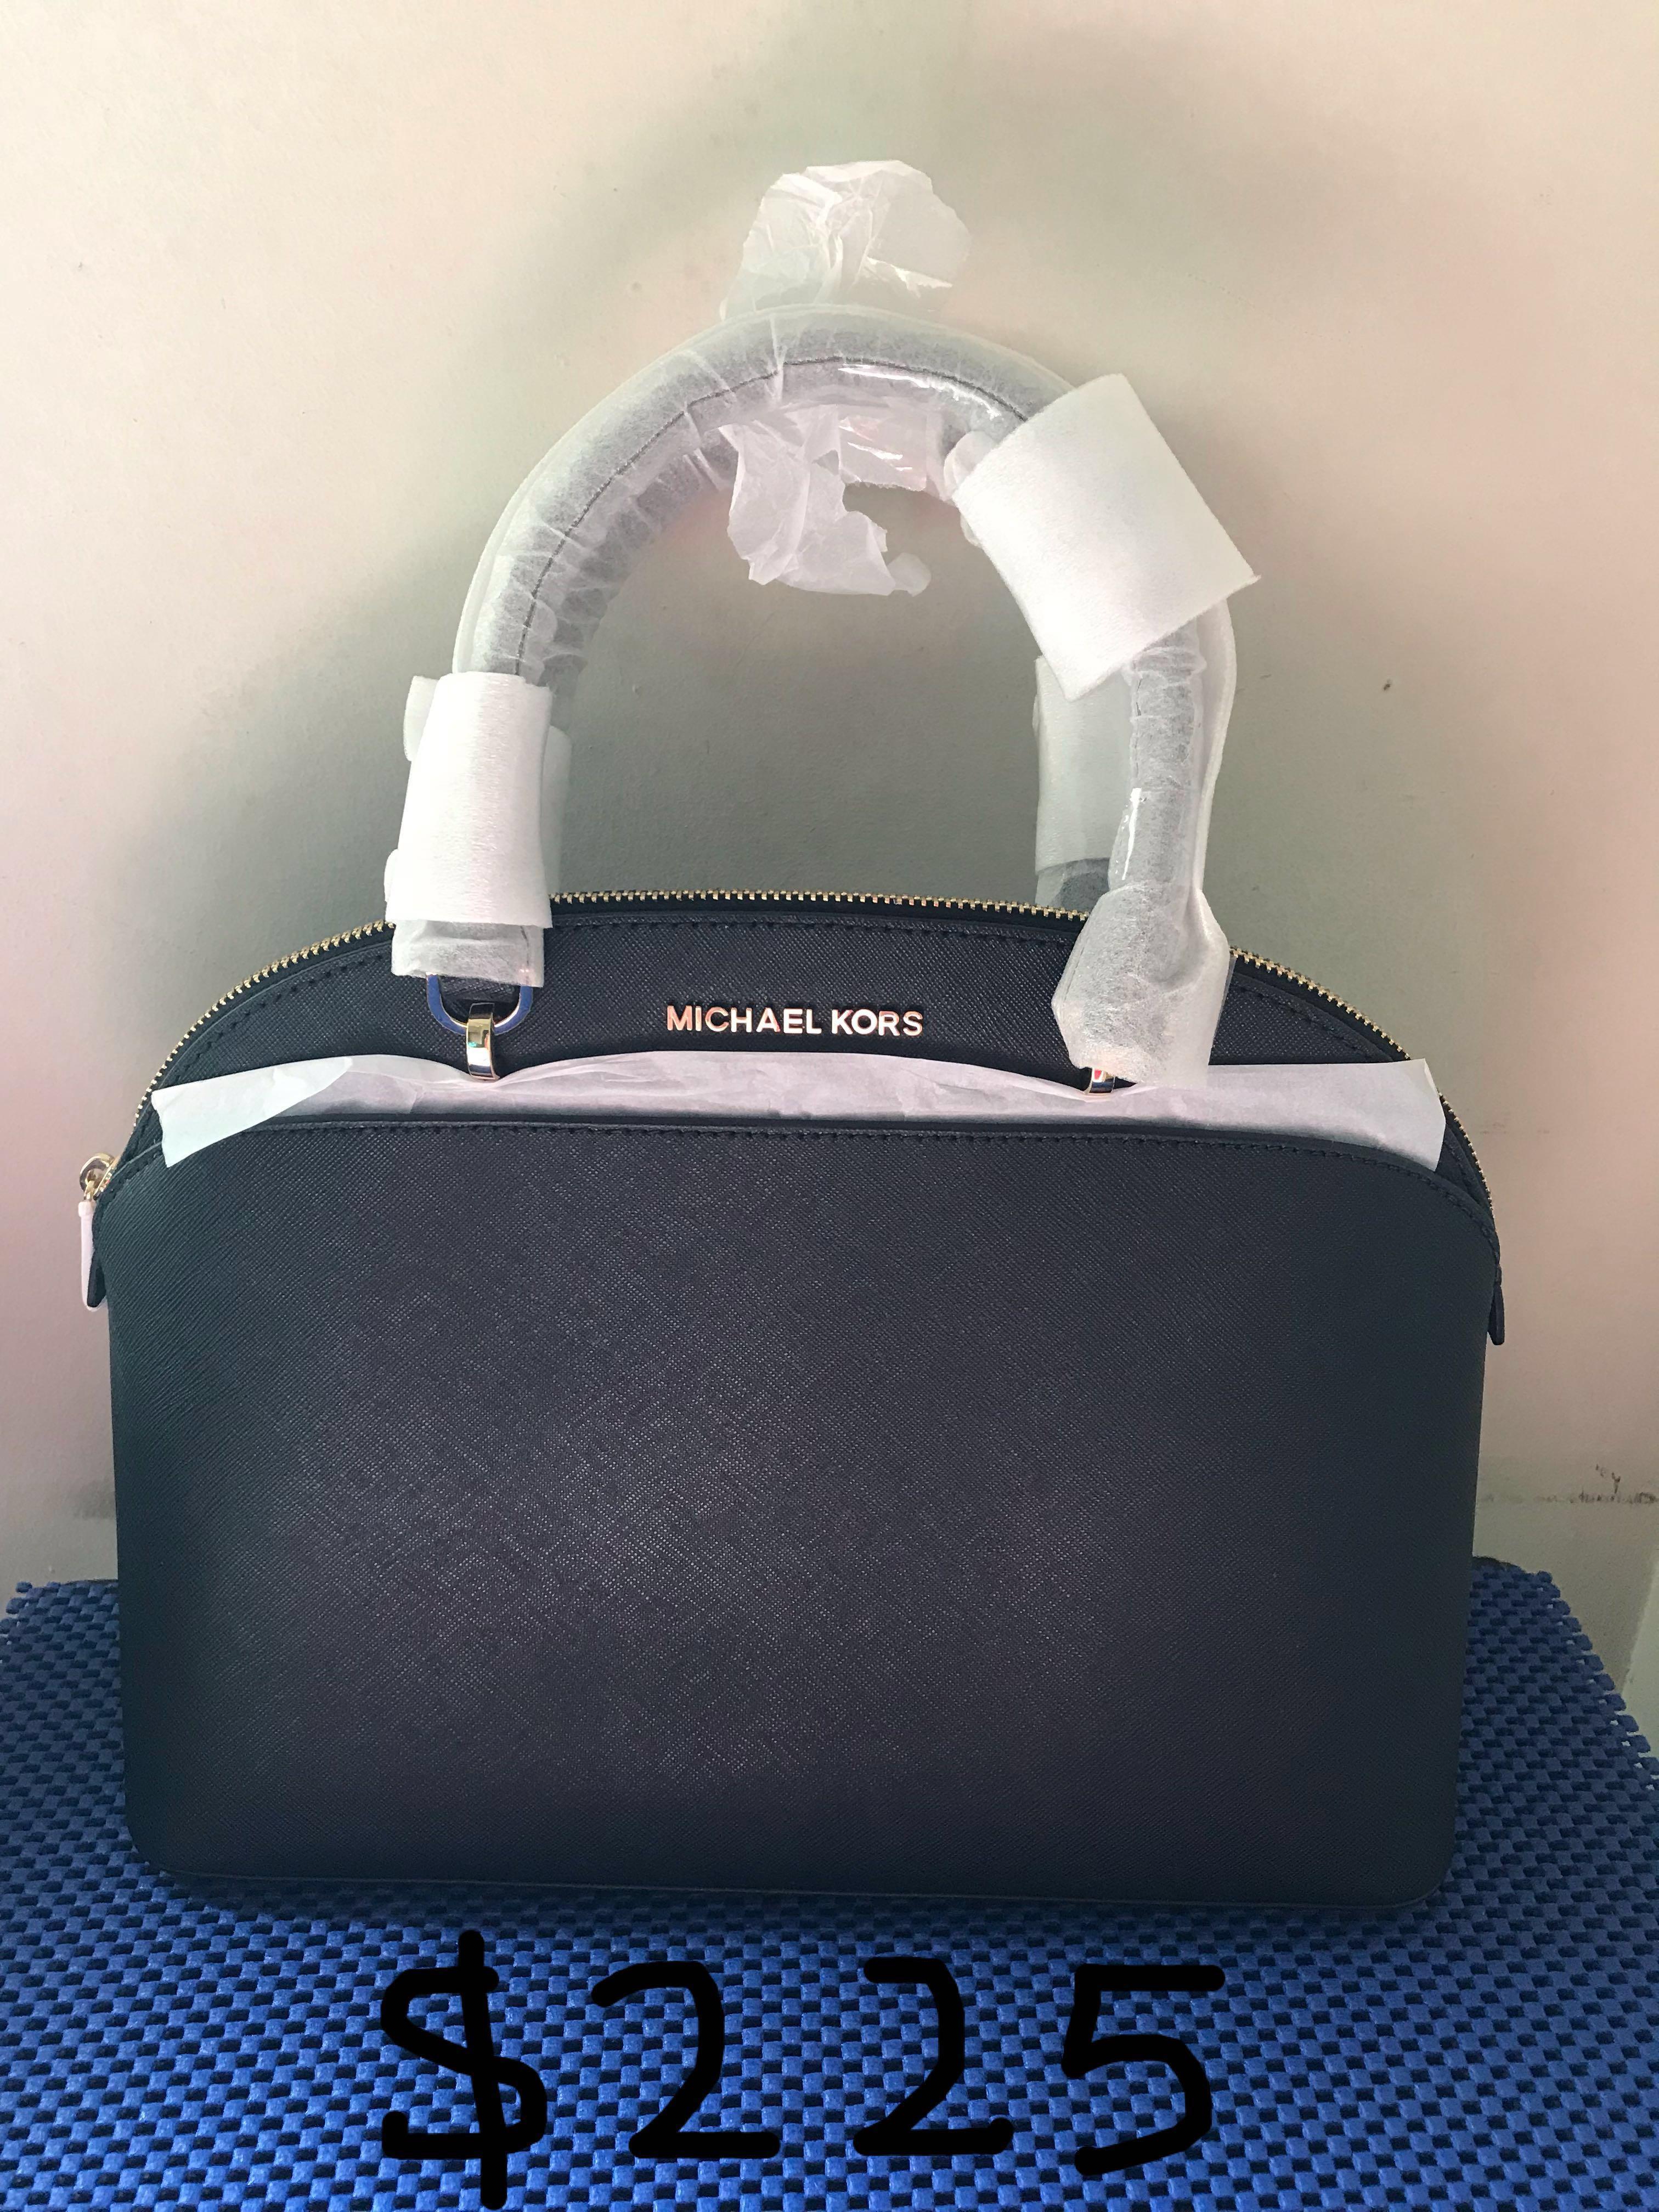 4a8517b140ff Michael Kors Handbag, Women's Fashion, Bags & Wallets, Handbags on ...